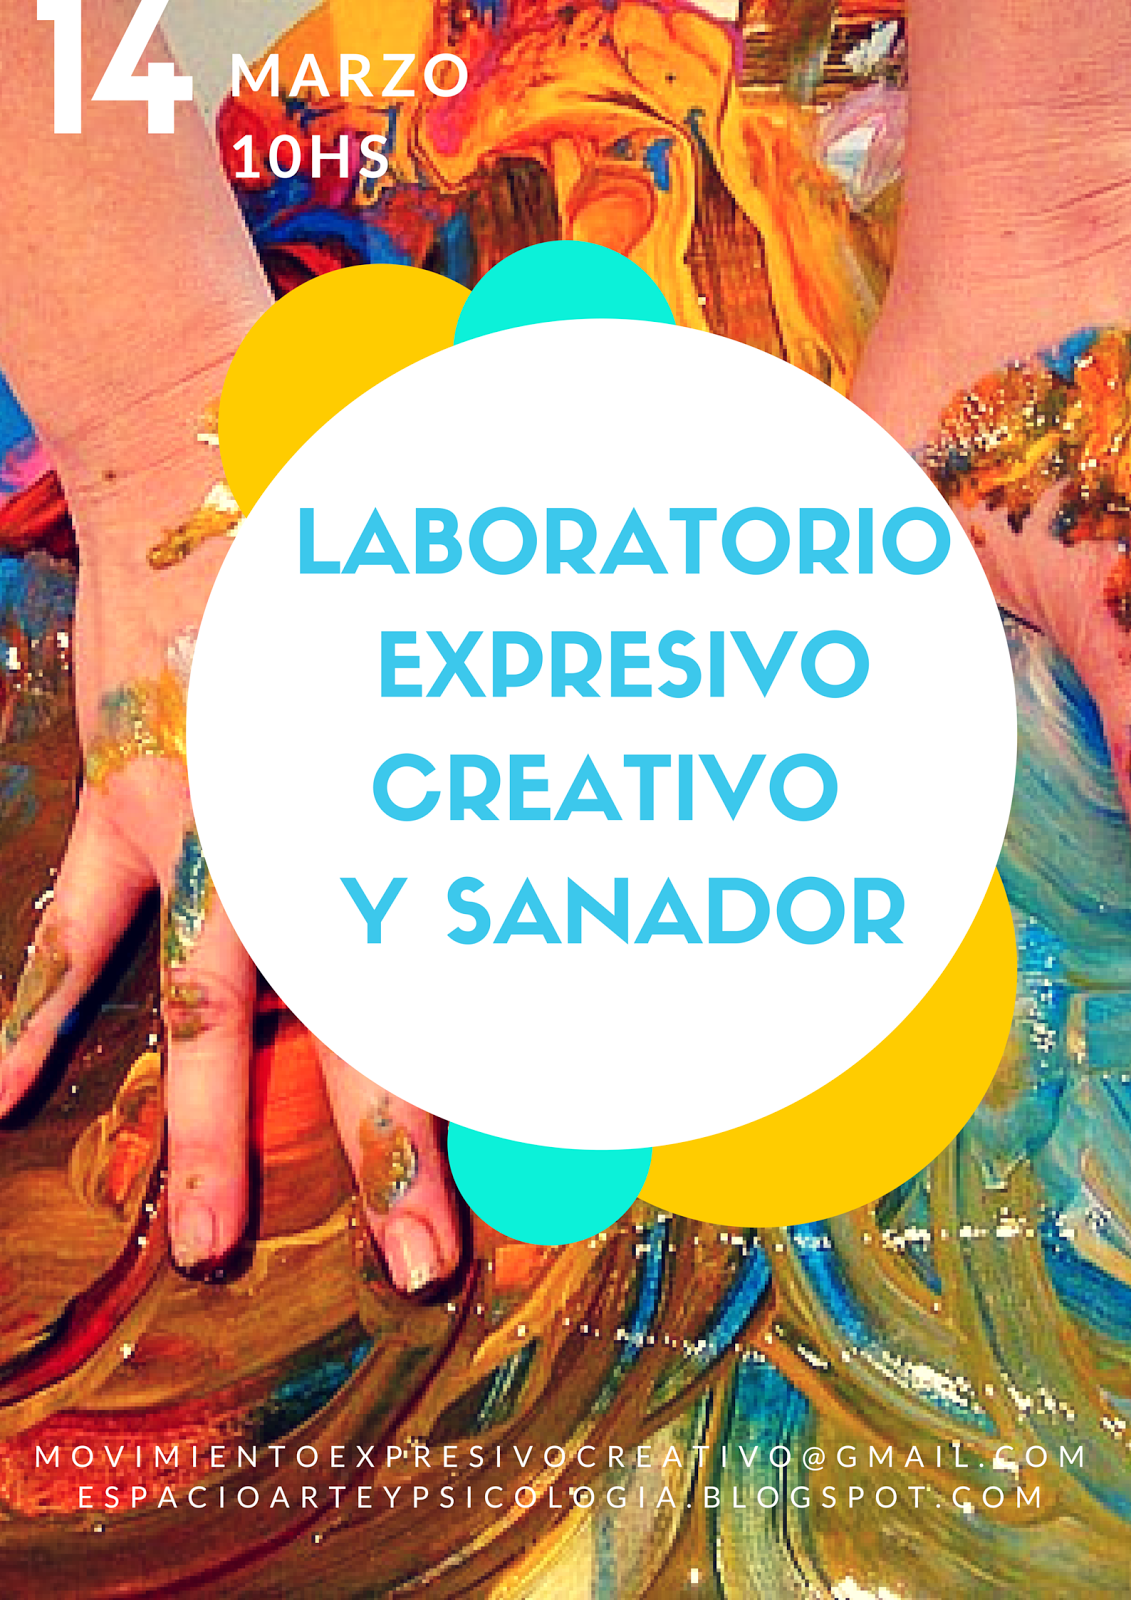 Laboratorio Expresivo Creativo y Sanador